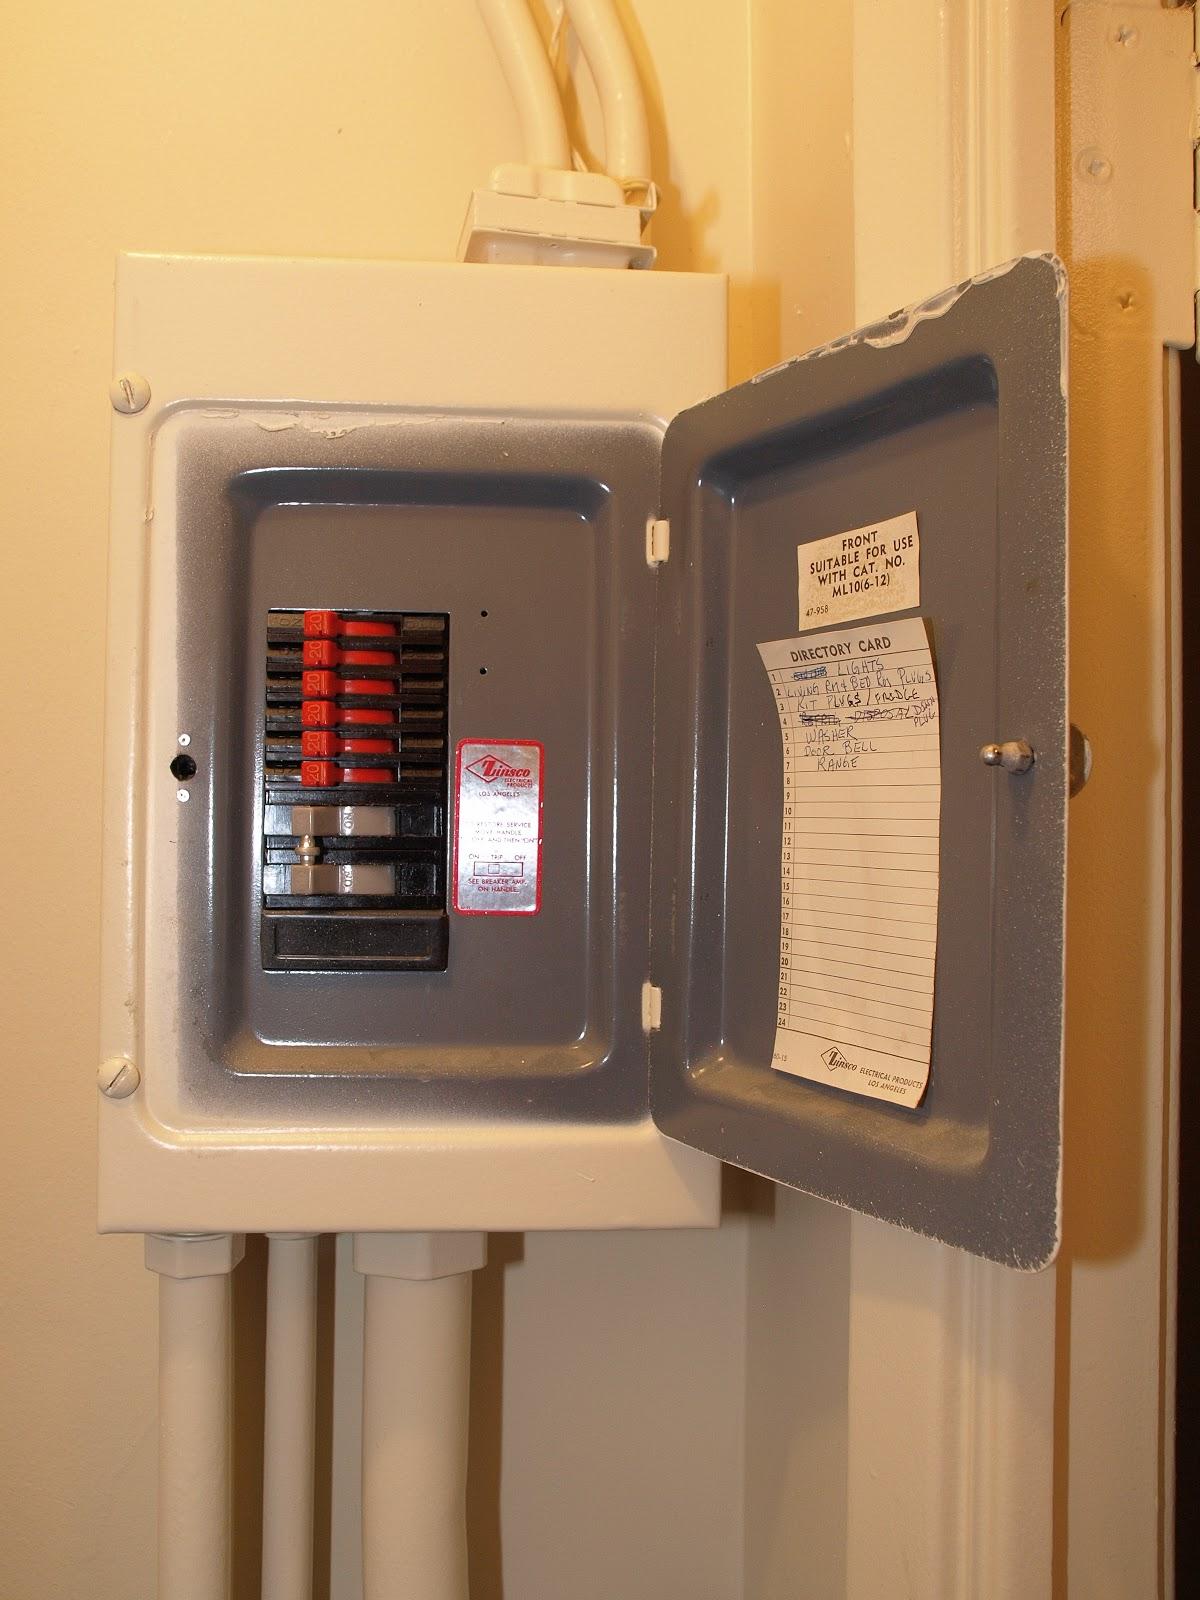 Clamp Meter How Much : Merrick mccracken mt clamp meter